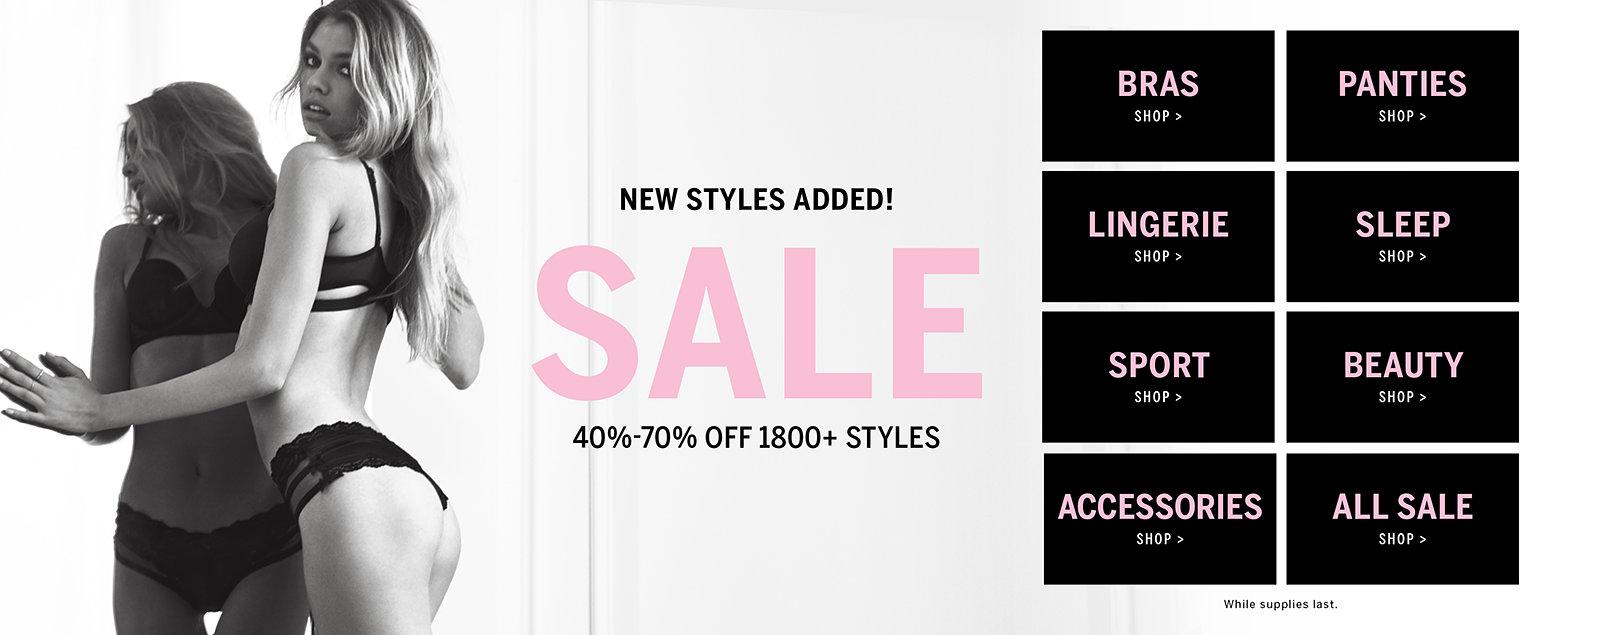 Shop Sale & Clearance - Victoria's Secret